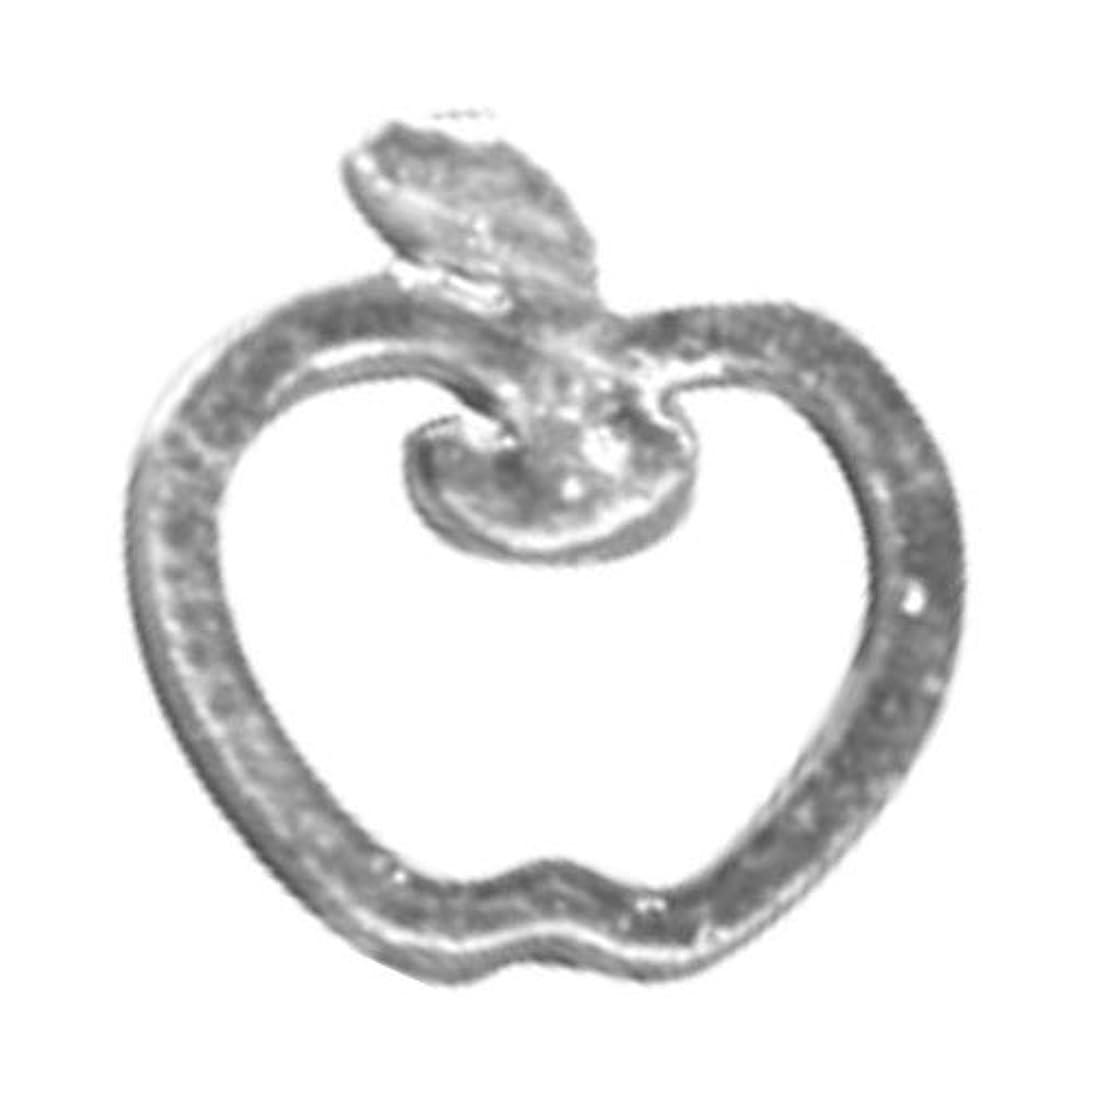 釈義休憩するユニークなリトルプリティー ネイルアートパーツ リンゴ SS シルバー 10個